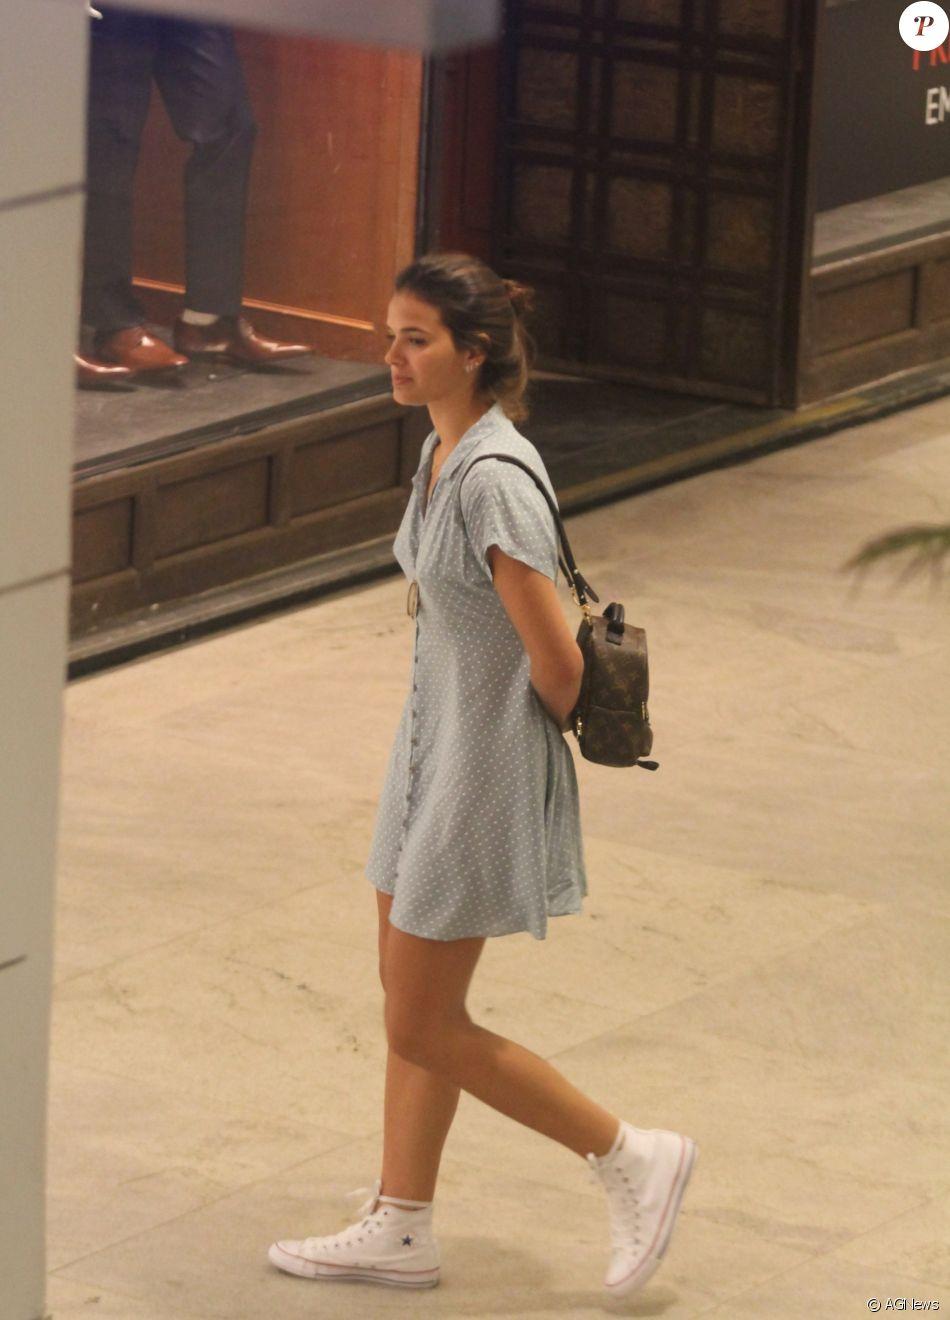 Bruna Marquezine esteve em um shopping em São Conrado, Zona Sul do Rio de Janeiro, nesta sexta-feira, 14 de julho de 2017